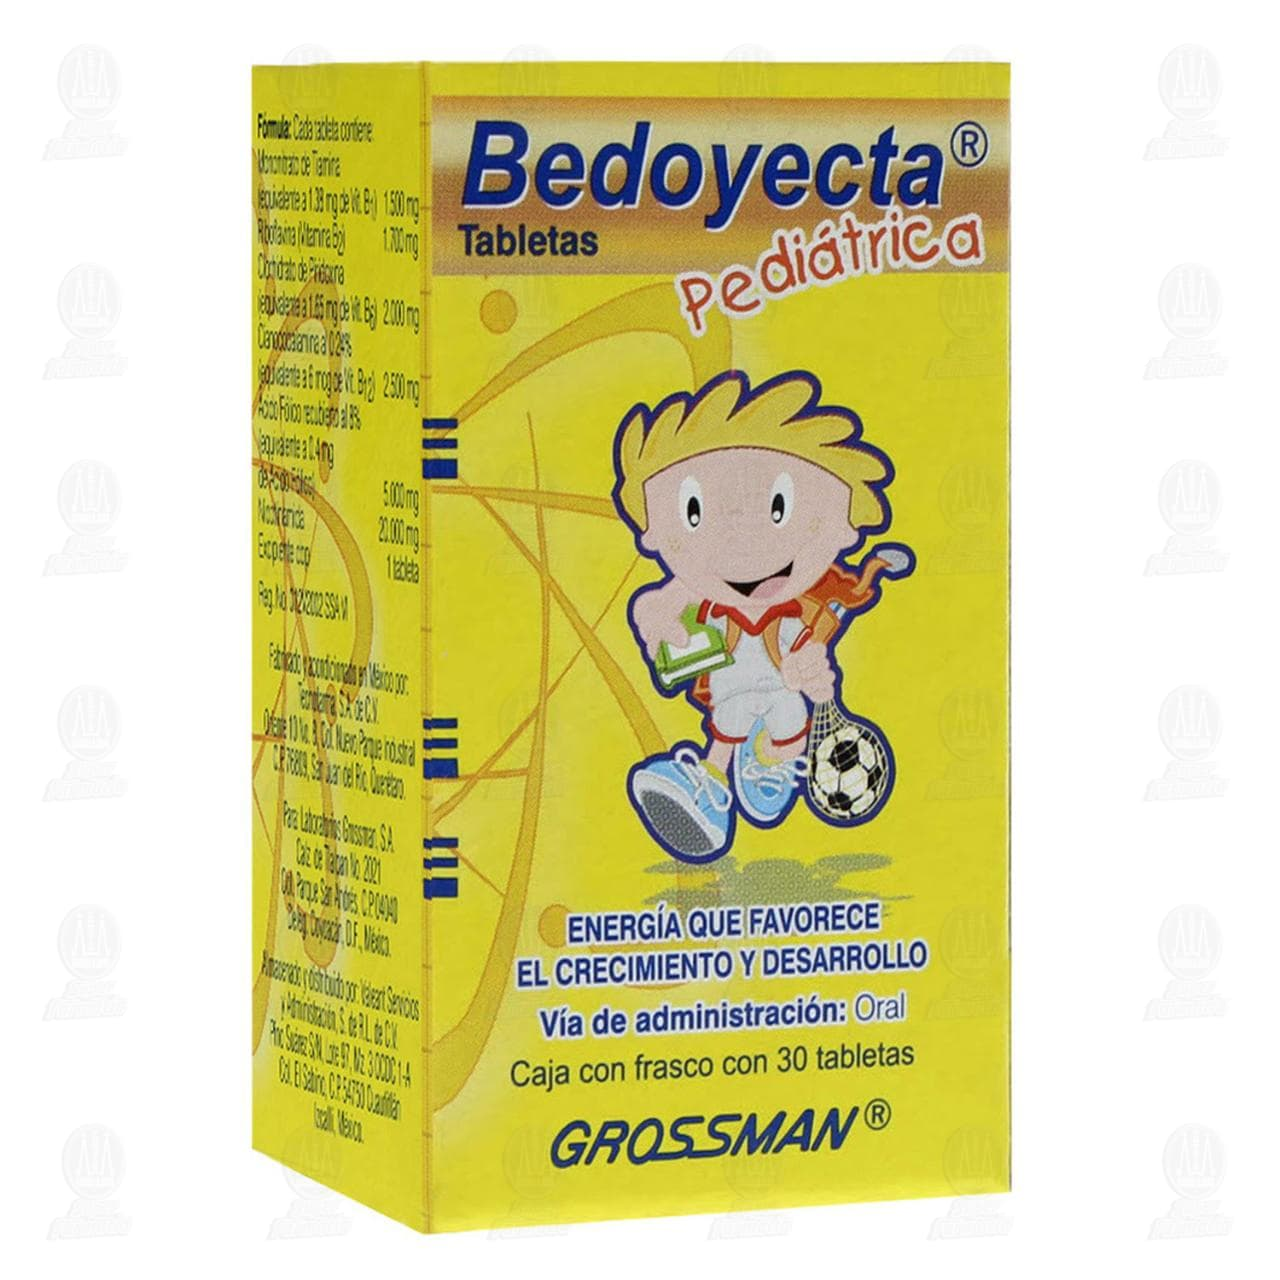 Comprar Bedoyecta Pediátrico 30 Tabletas en Farmacias Guadalajara